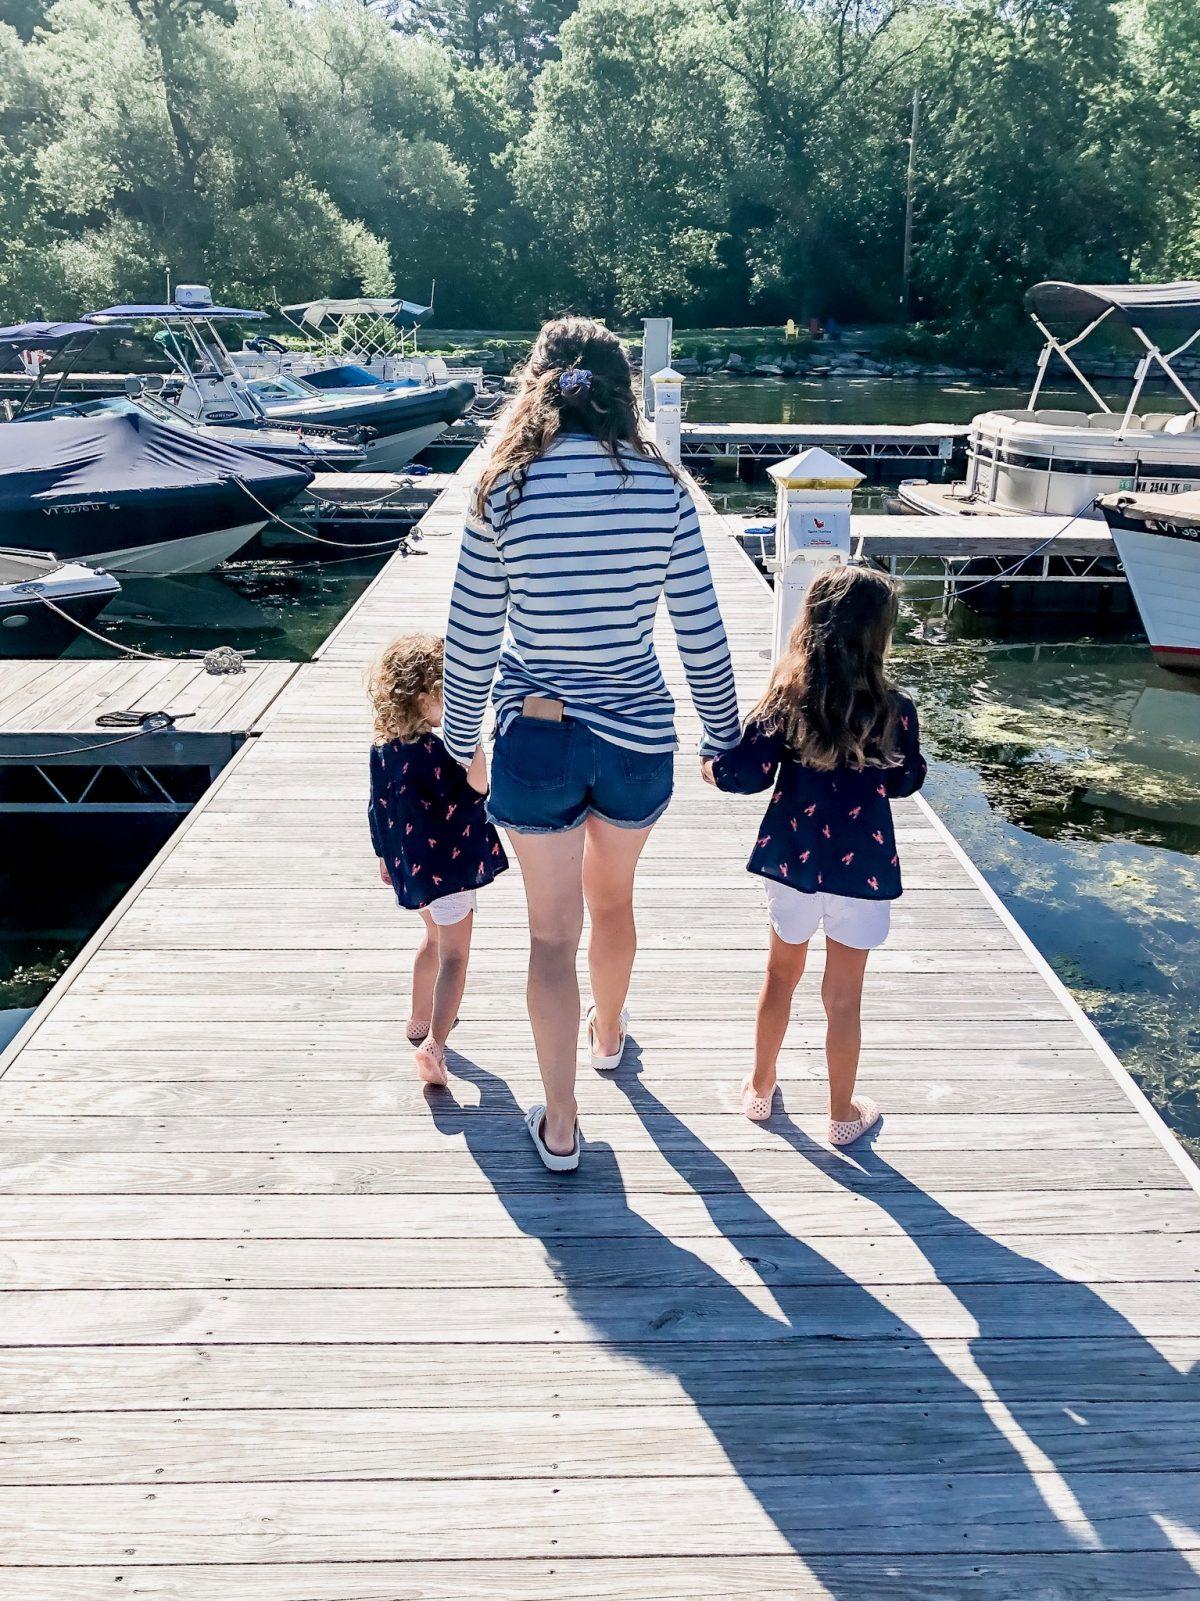 Basin Harbor Family on the Docks in Vergennes VT